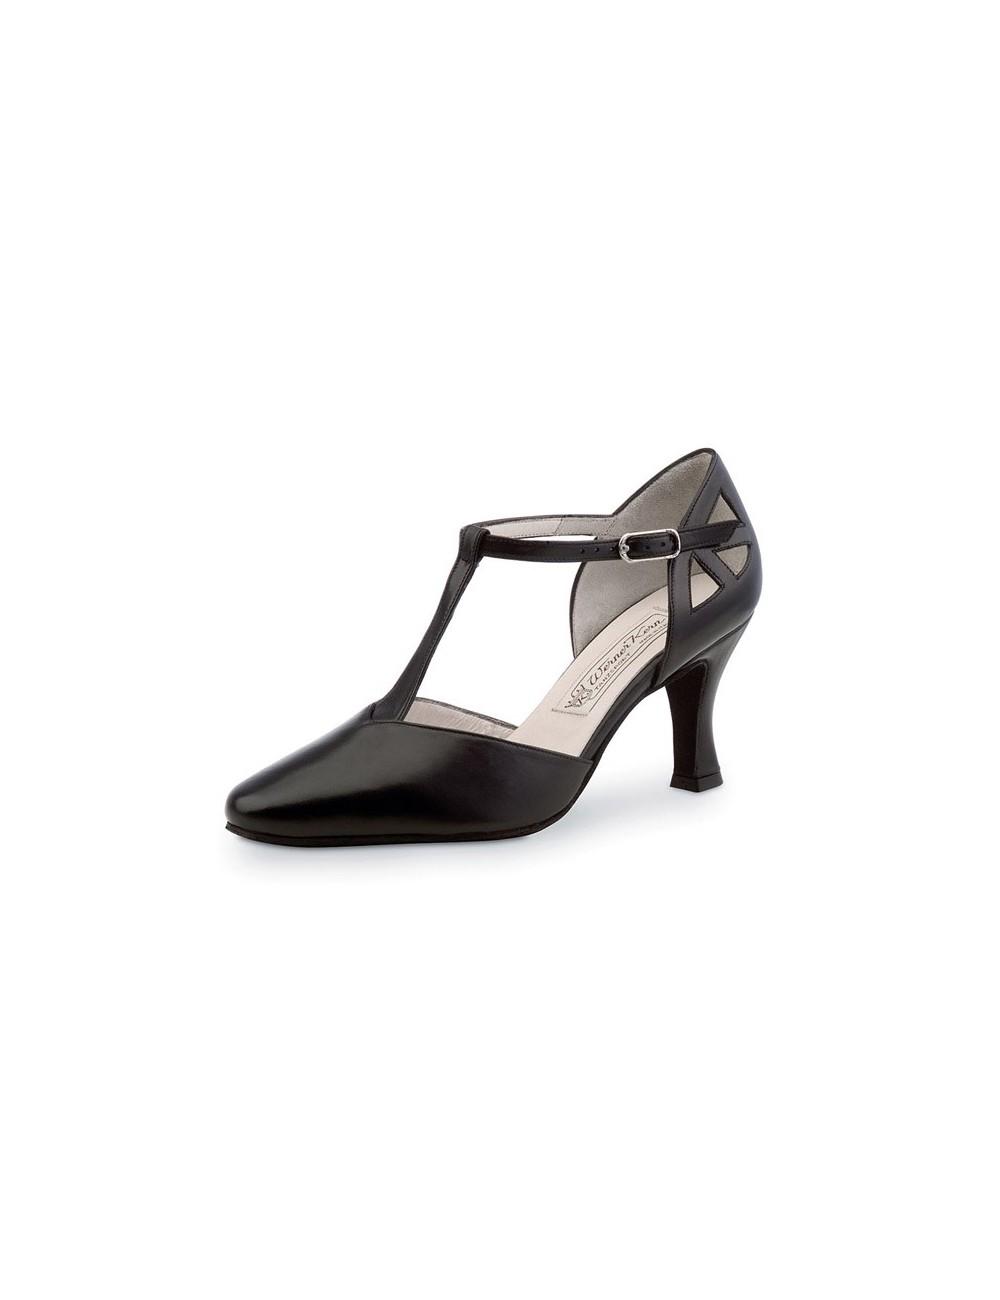 zapato cerrado negro mujer